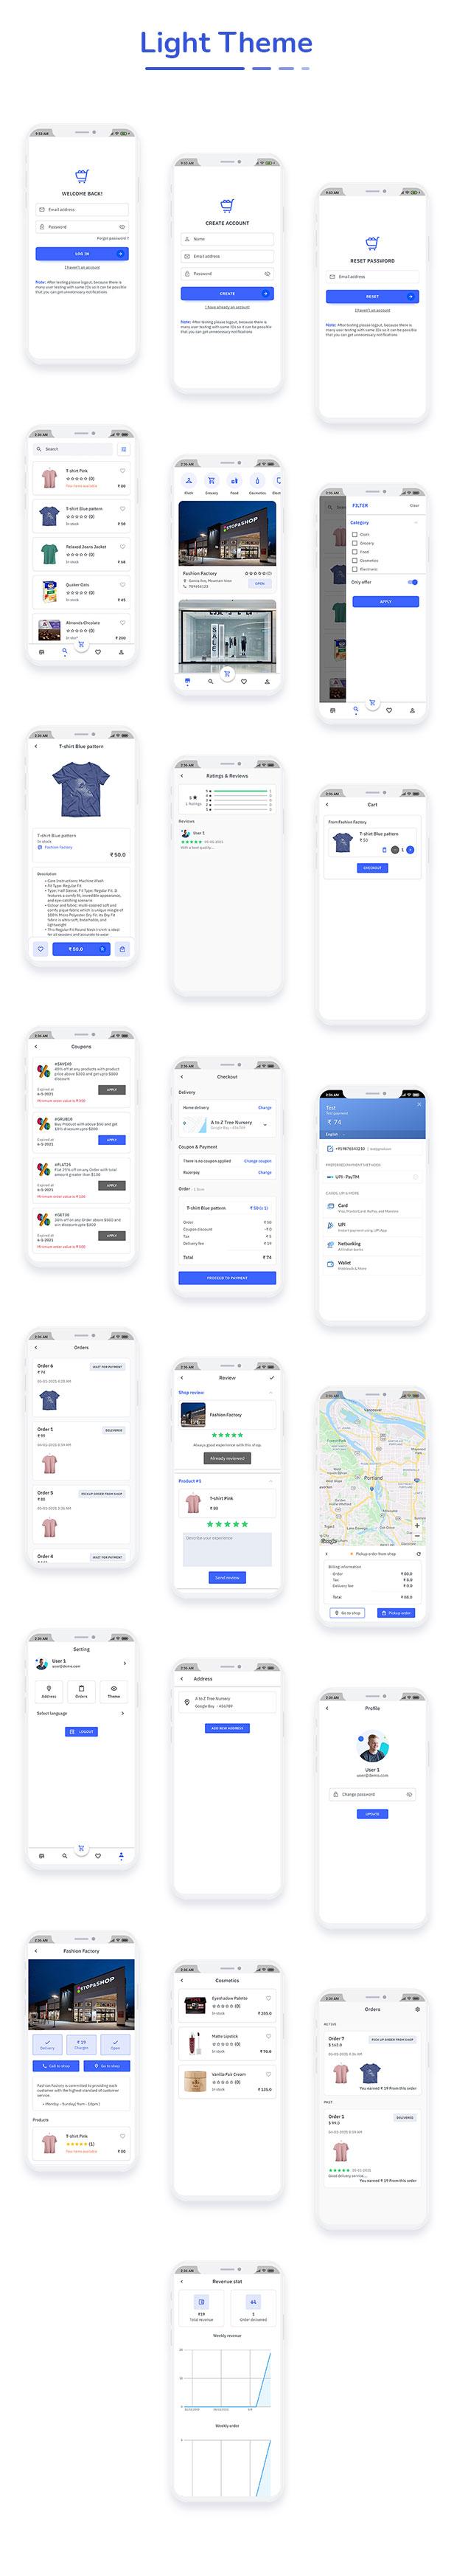 EMall | Multi Vendor E-Commerce Full App - 13